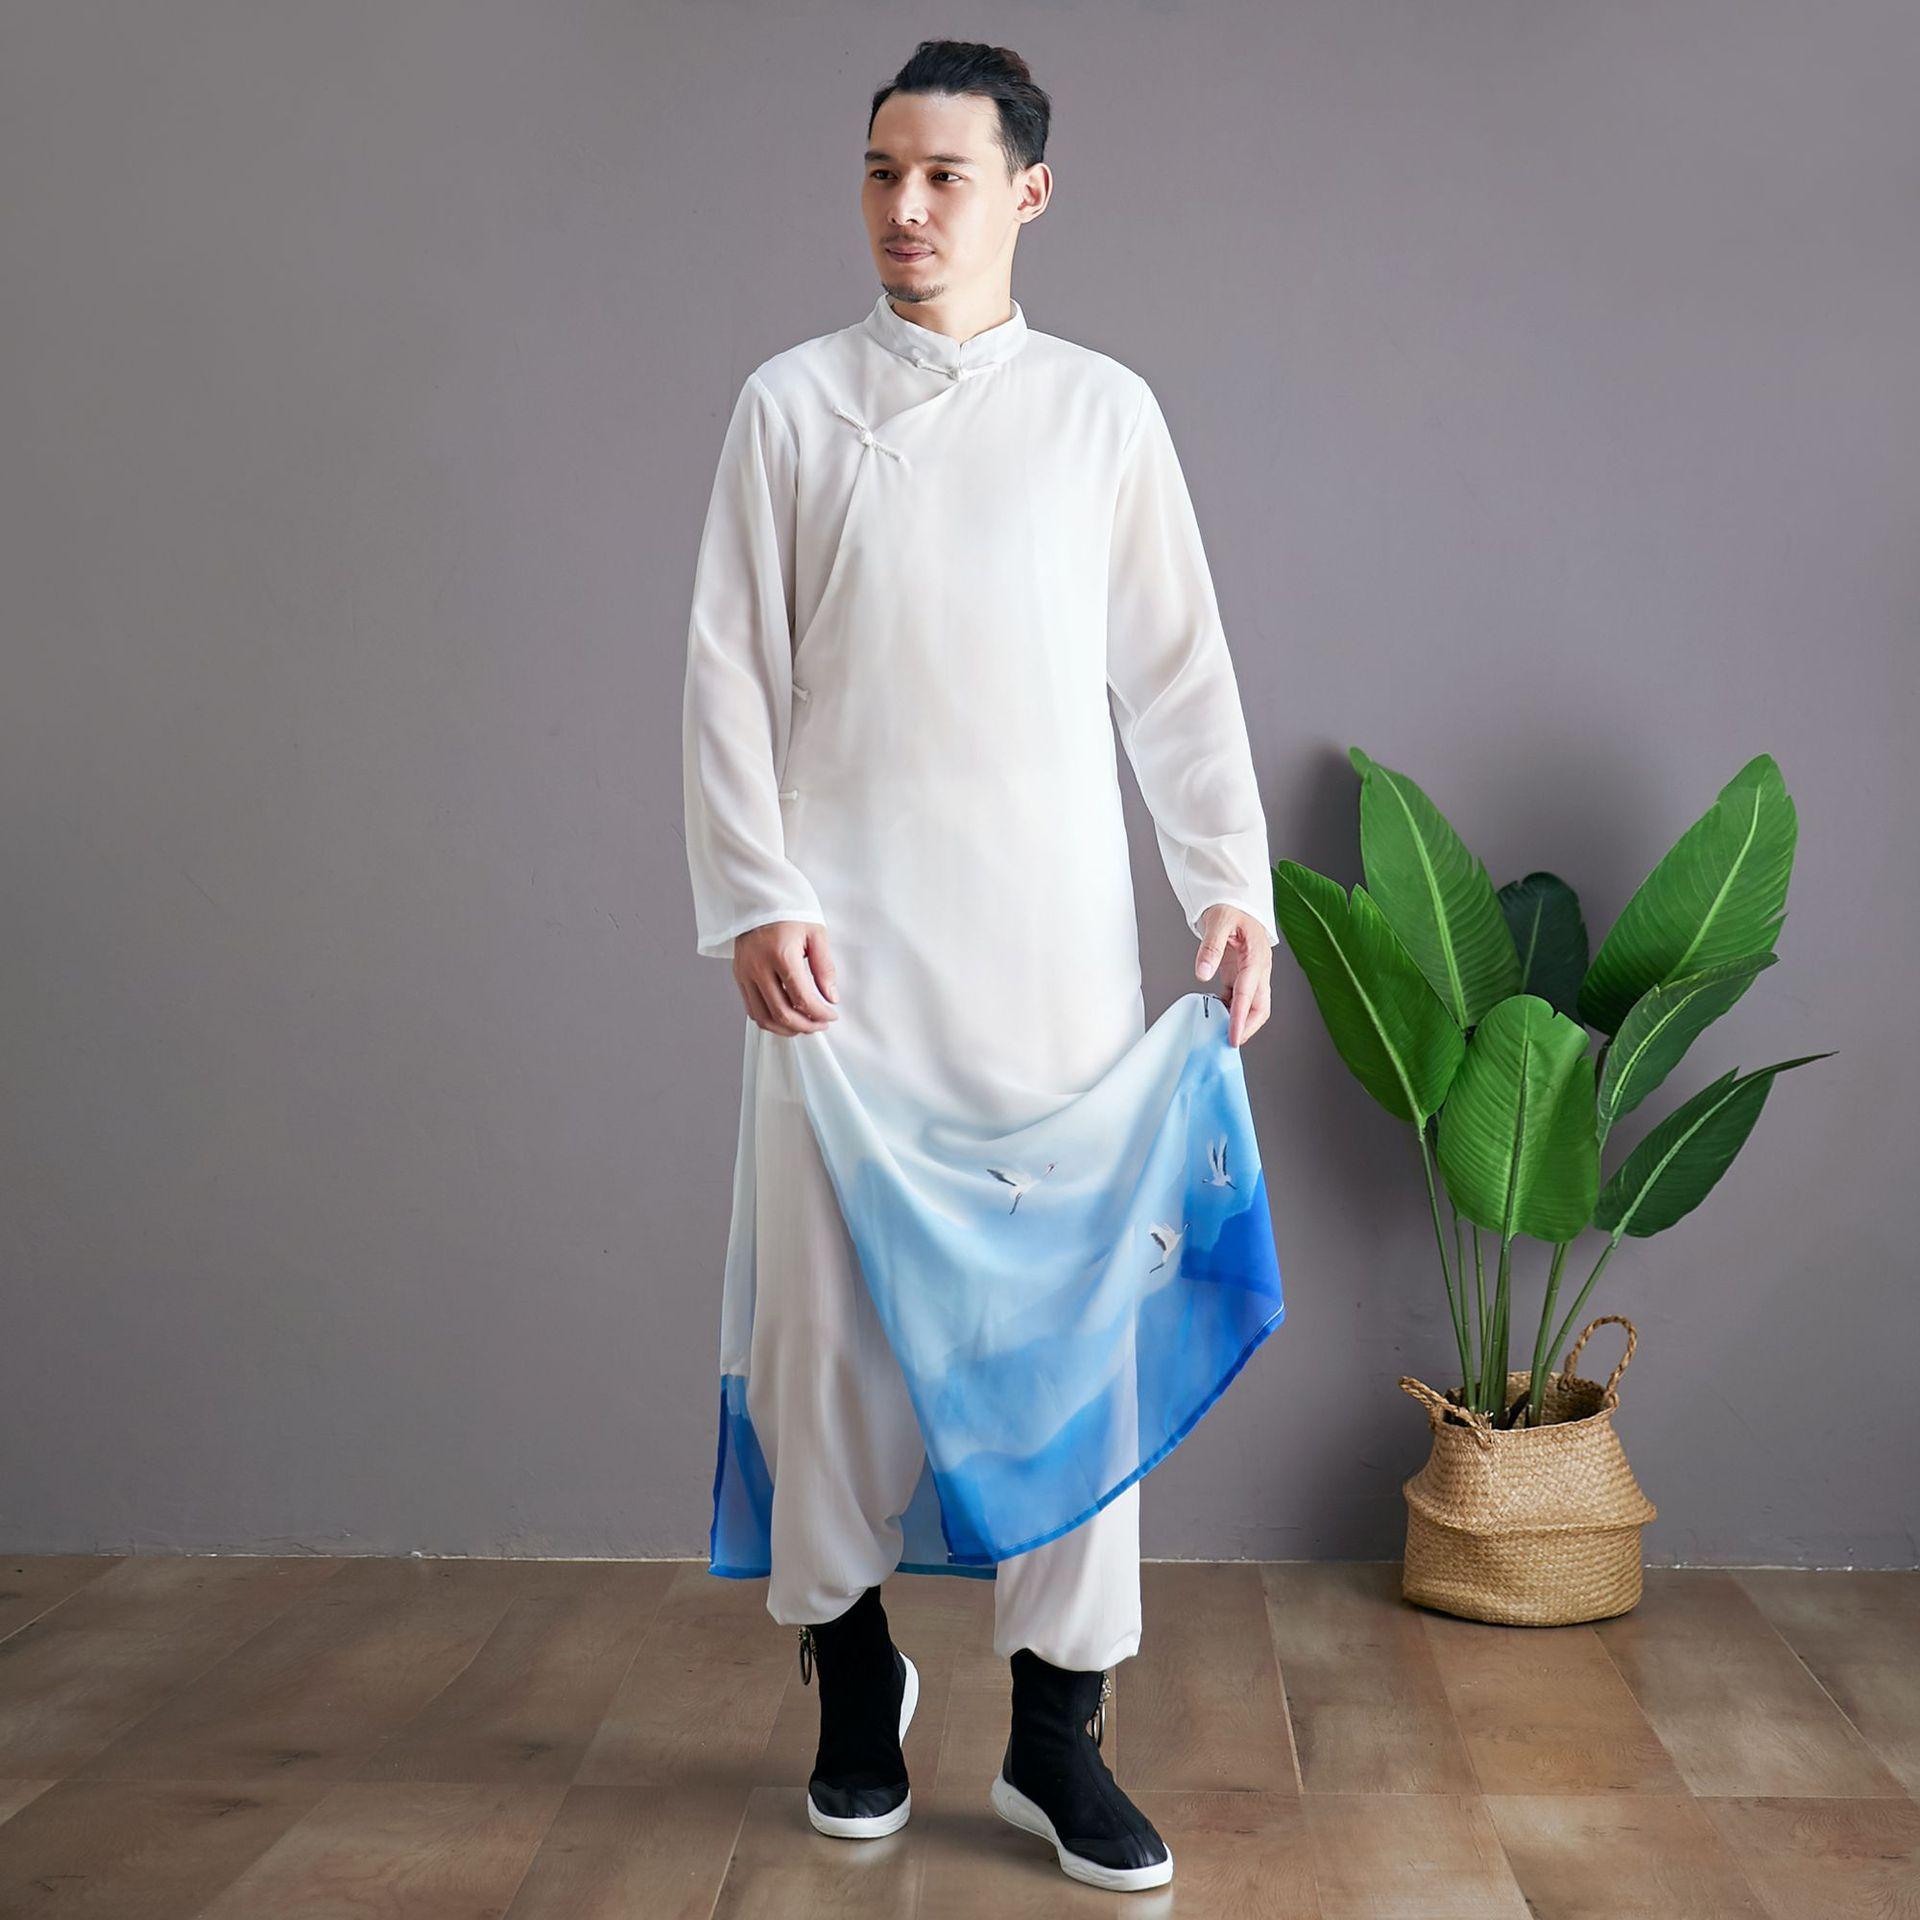 Традиционный китайский мандарин воротник Тан костюм Ханфу длинный халат классический чонсам платье для мужчин фильм ТВ кунг фу сценическая одежда косплей костюмы